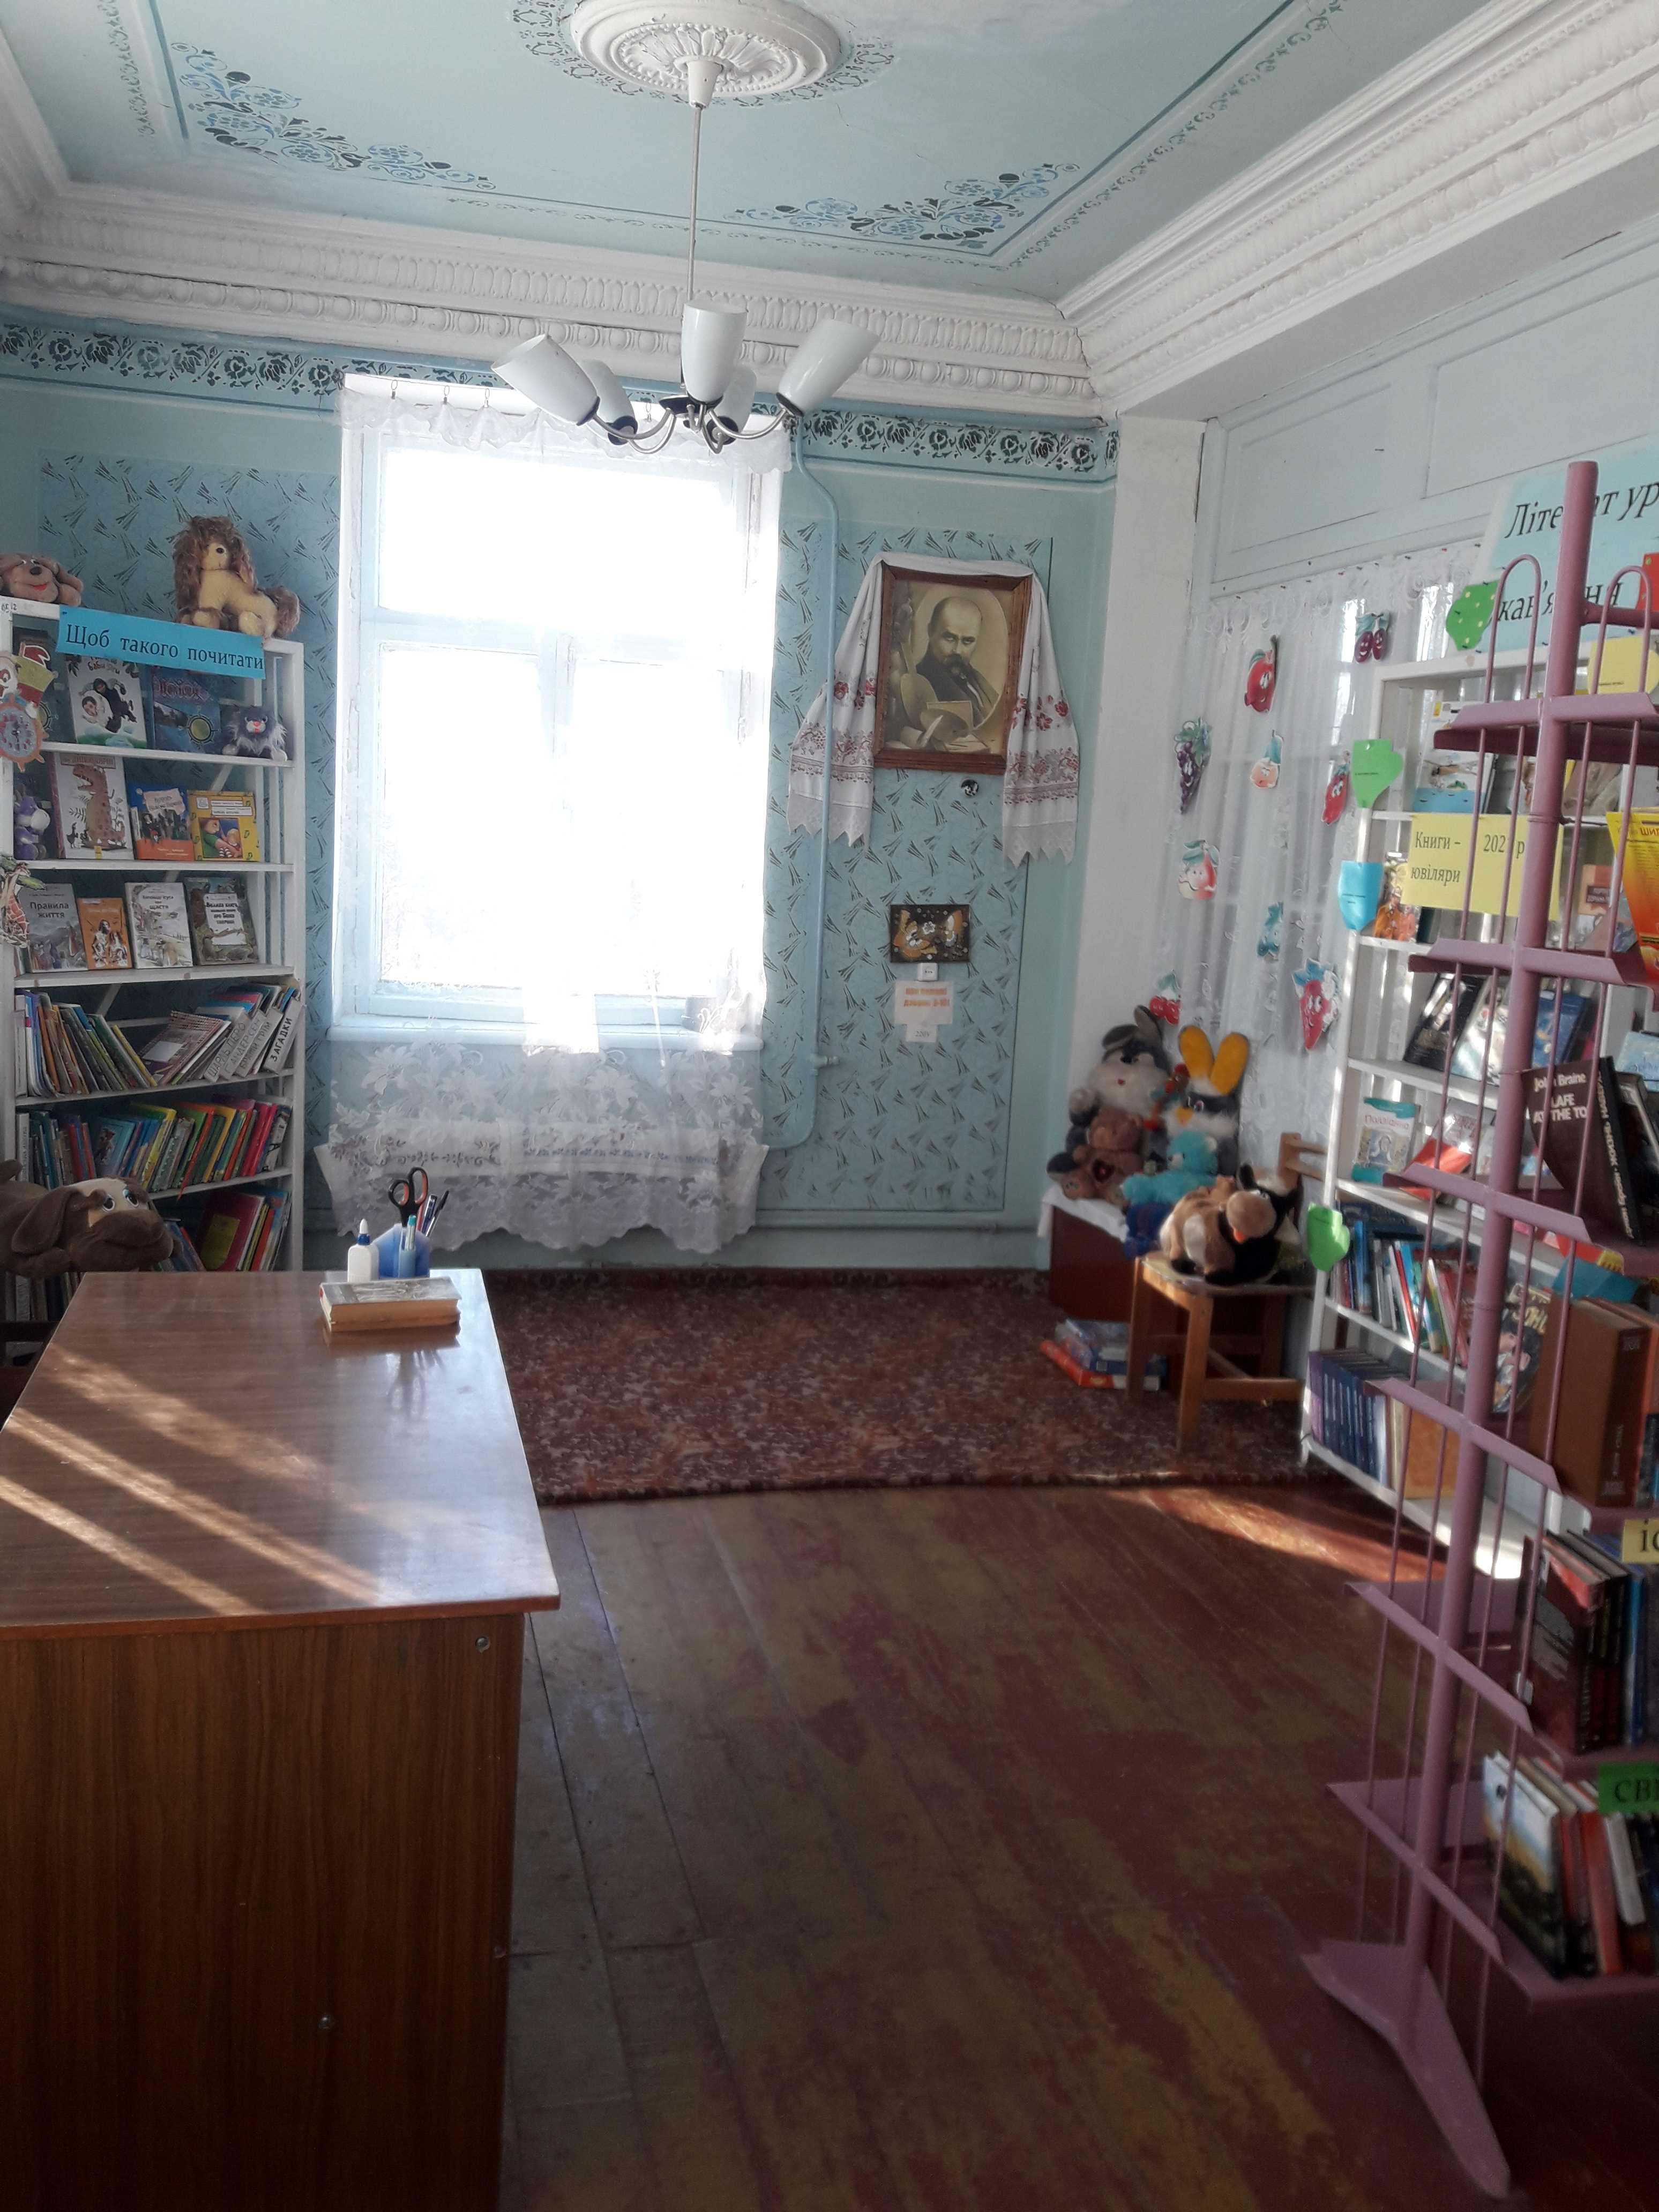 Бібліотека-філія села Дівоче Поле Попельнастівської сільської ради